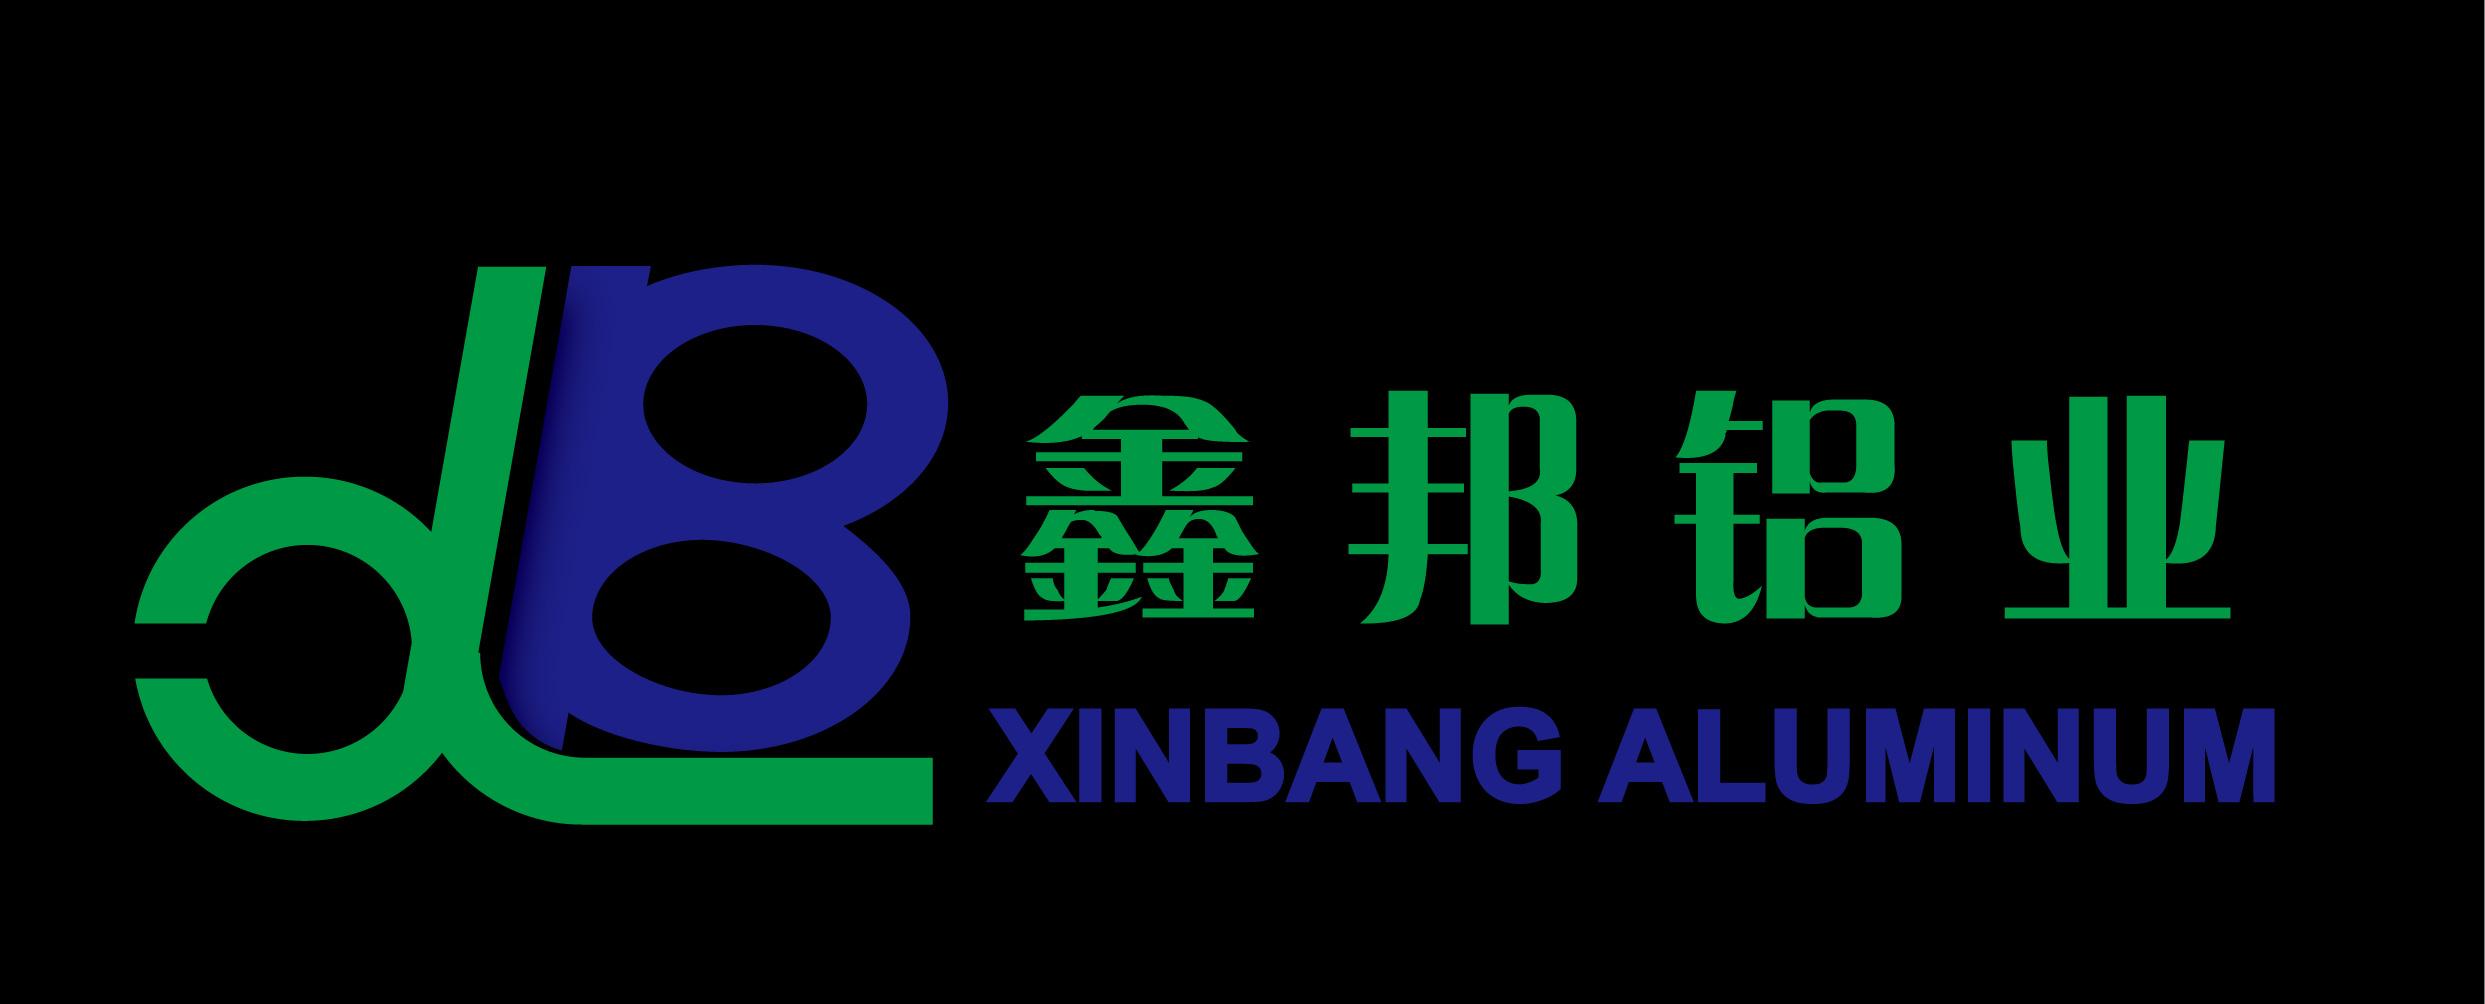 鑫邦铝业logo设计_老威